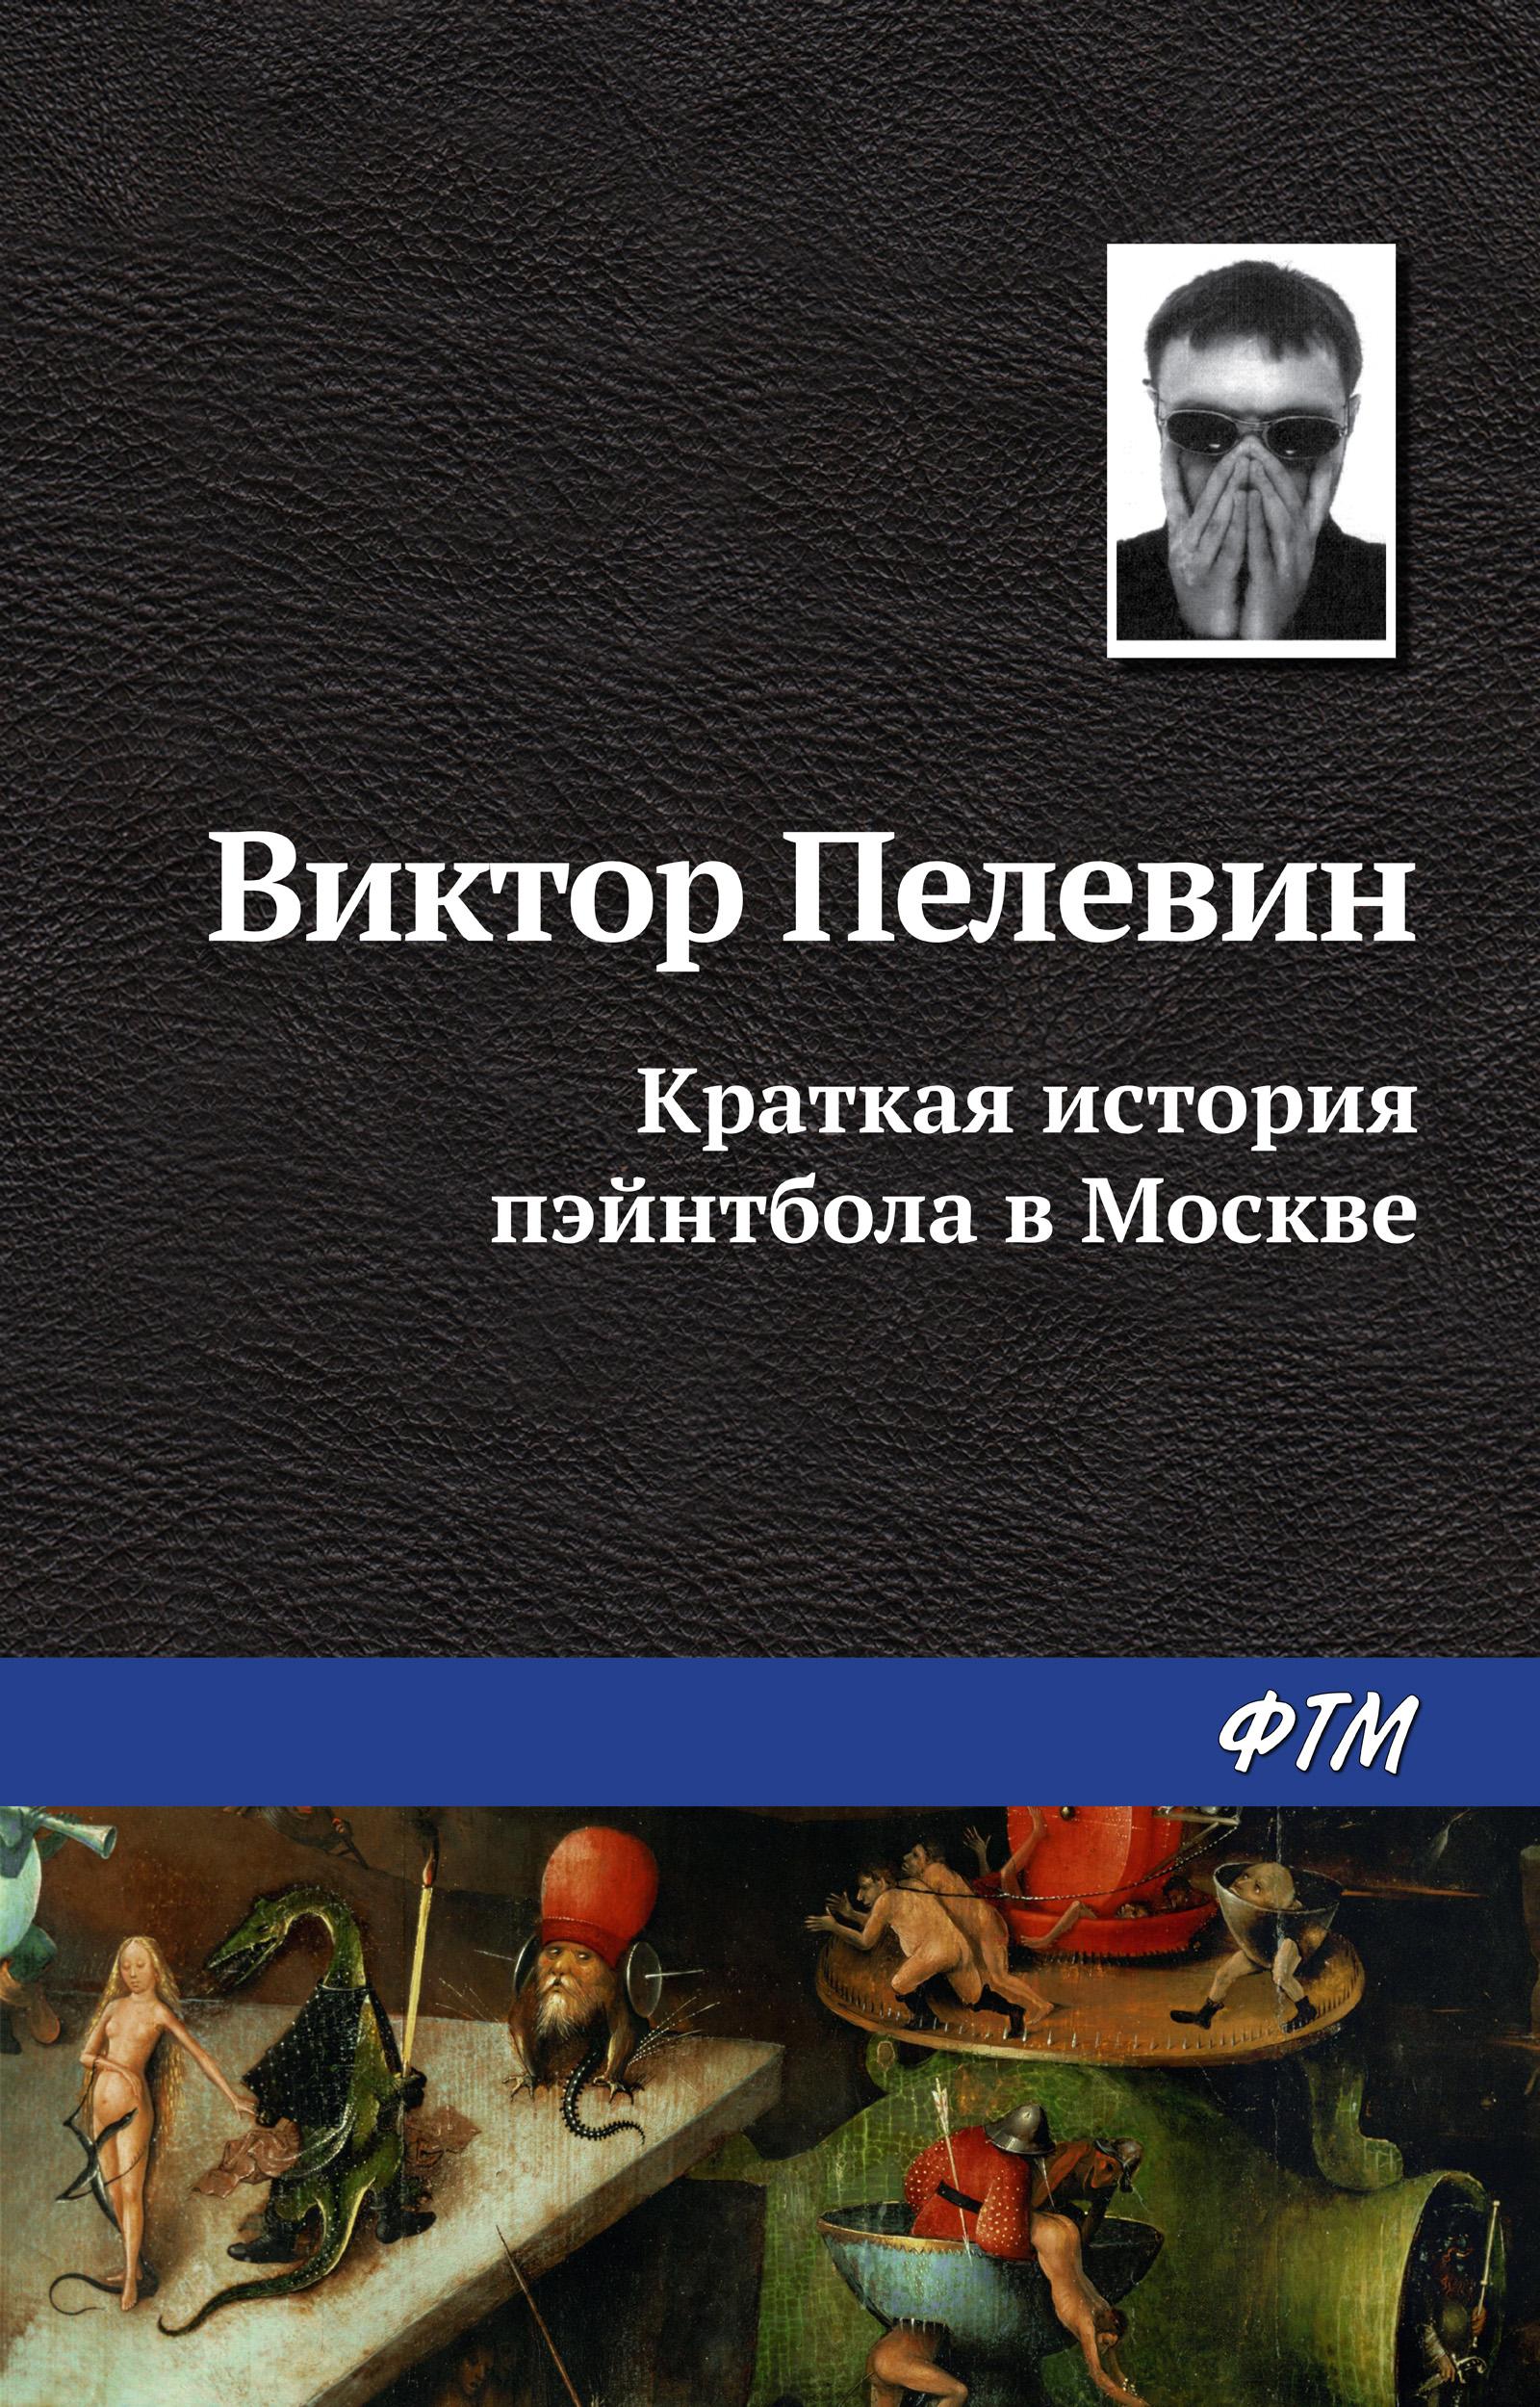 Фото - Виктор Пелевин Краткая история пэйнтбола в Москве виктор колесников история одного варвара